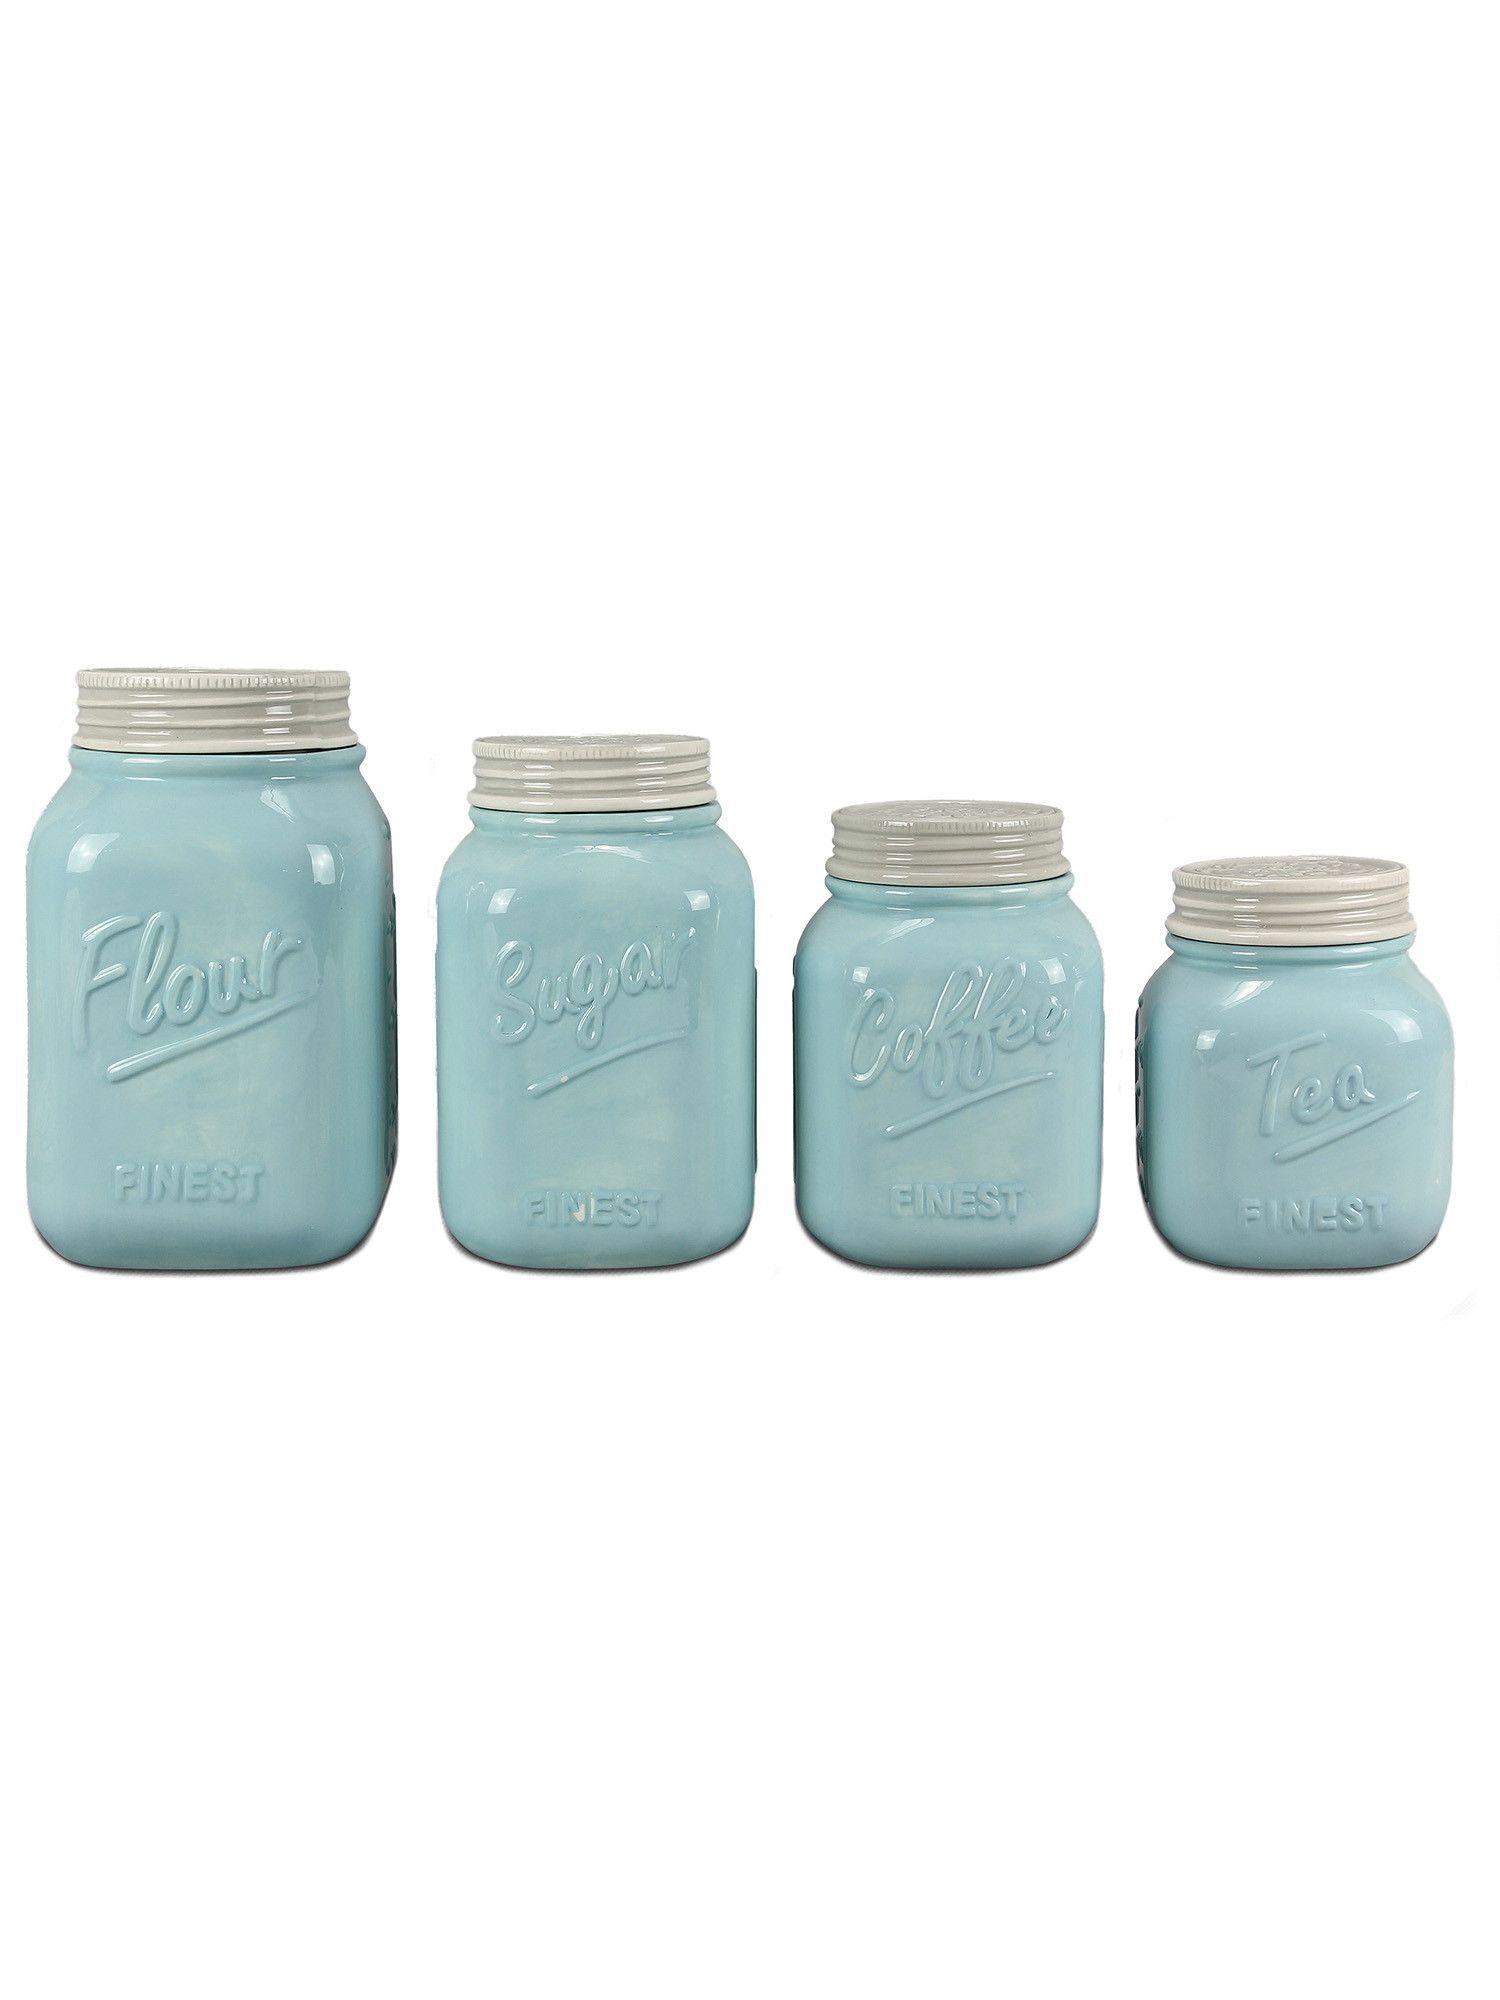 Blue Canister Mason Jar Set of 4 | Küche und Deko